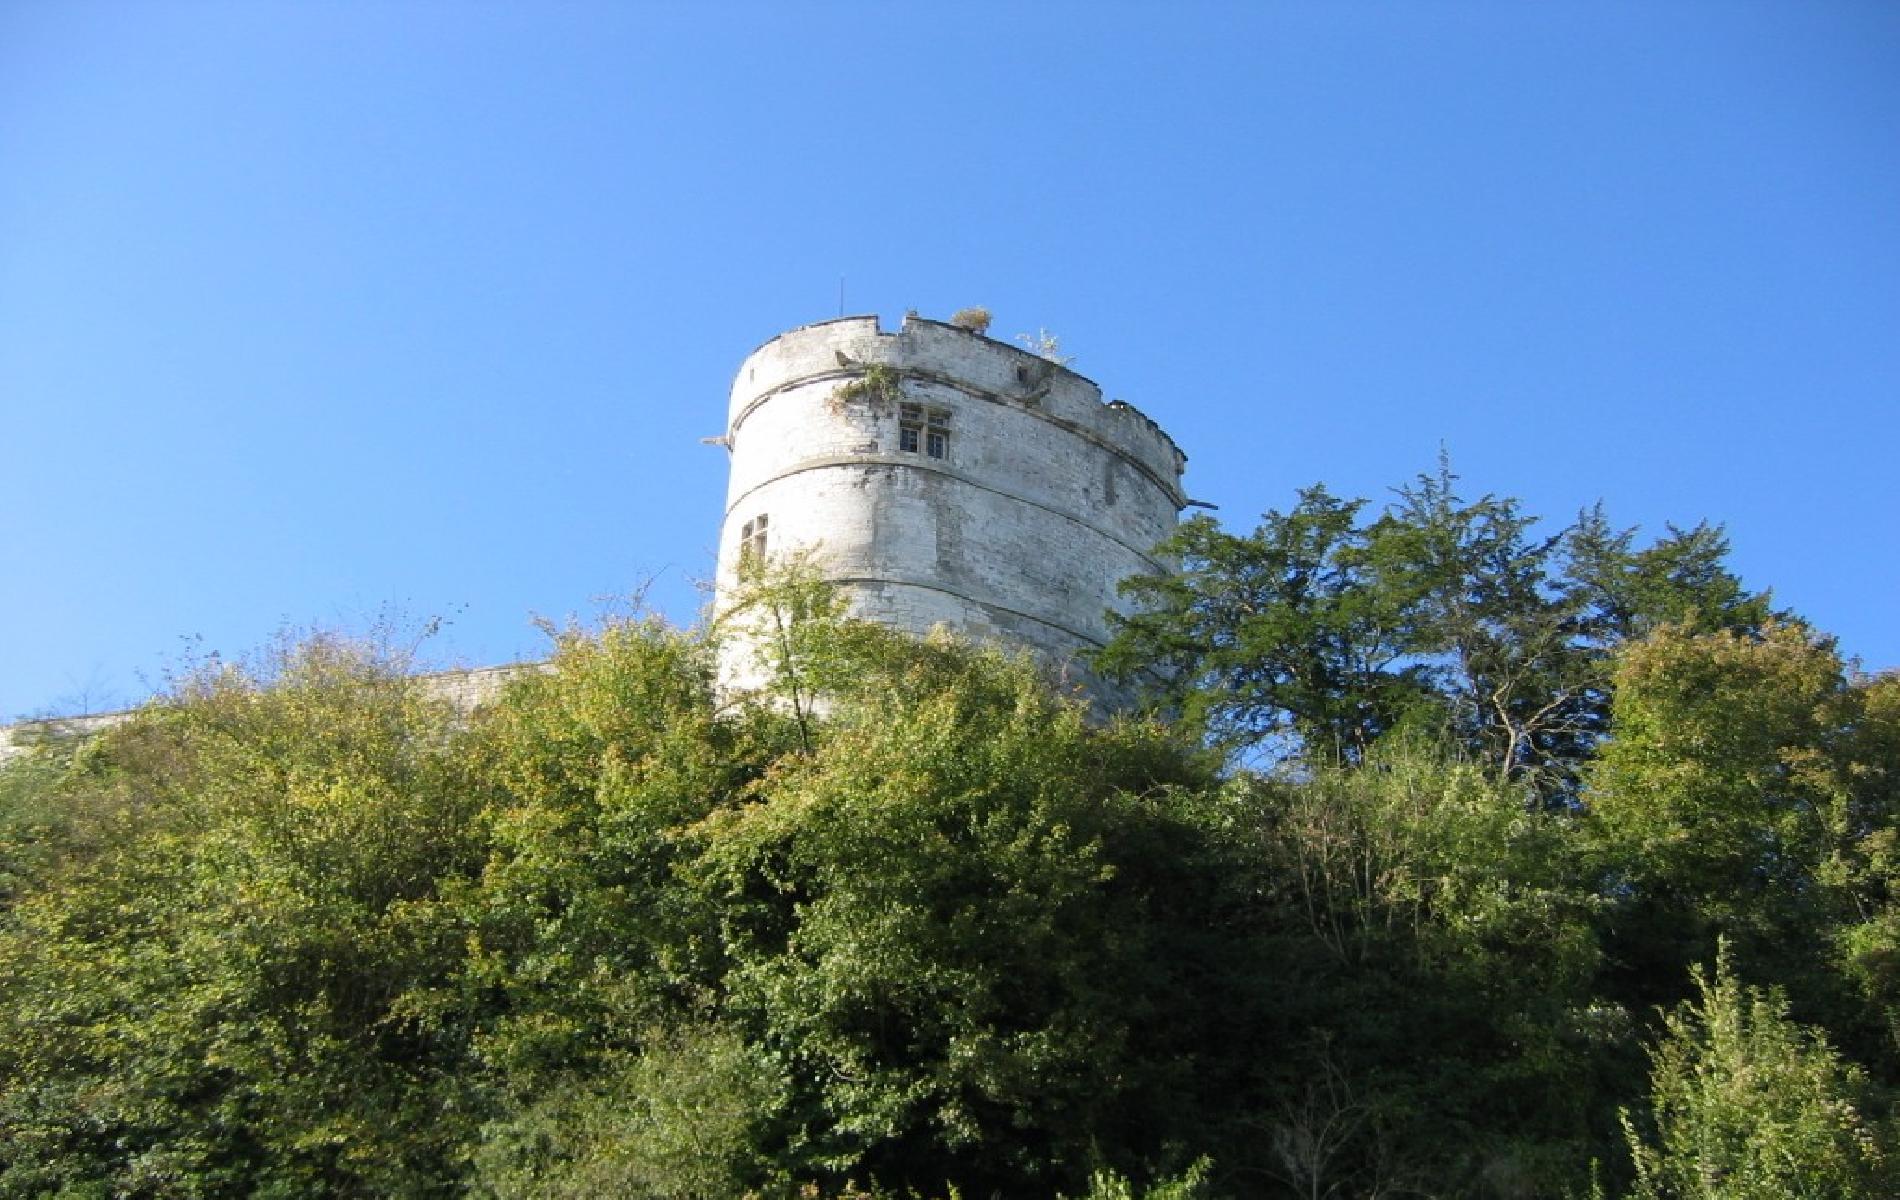 Chateau de Tancarville